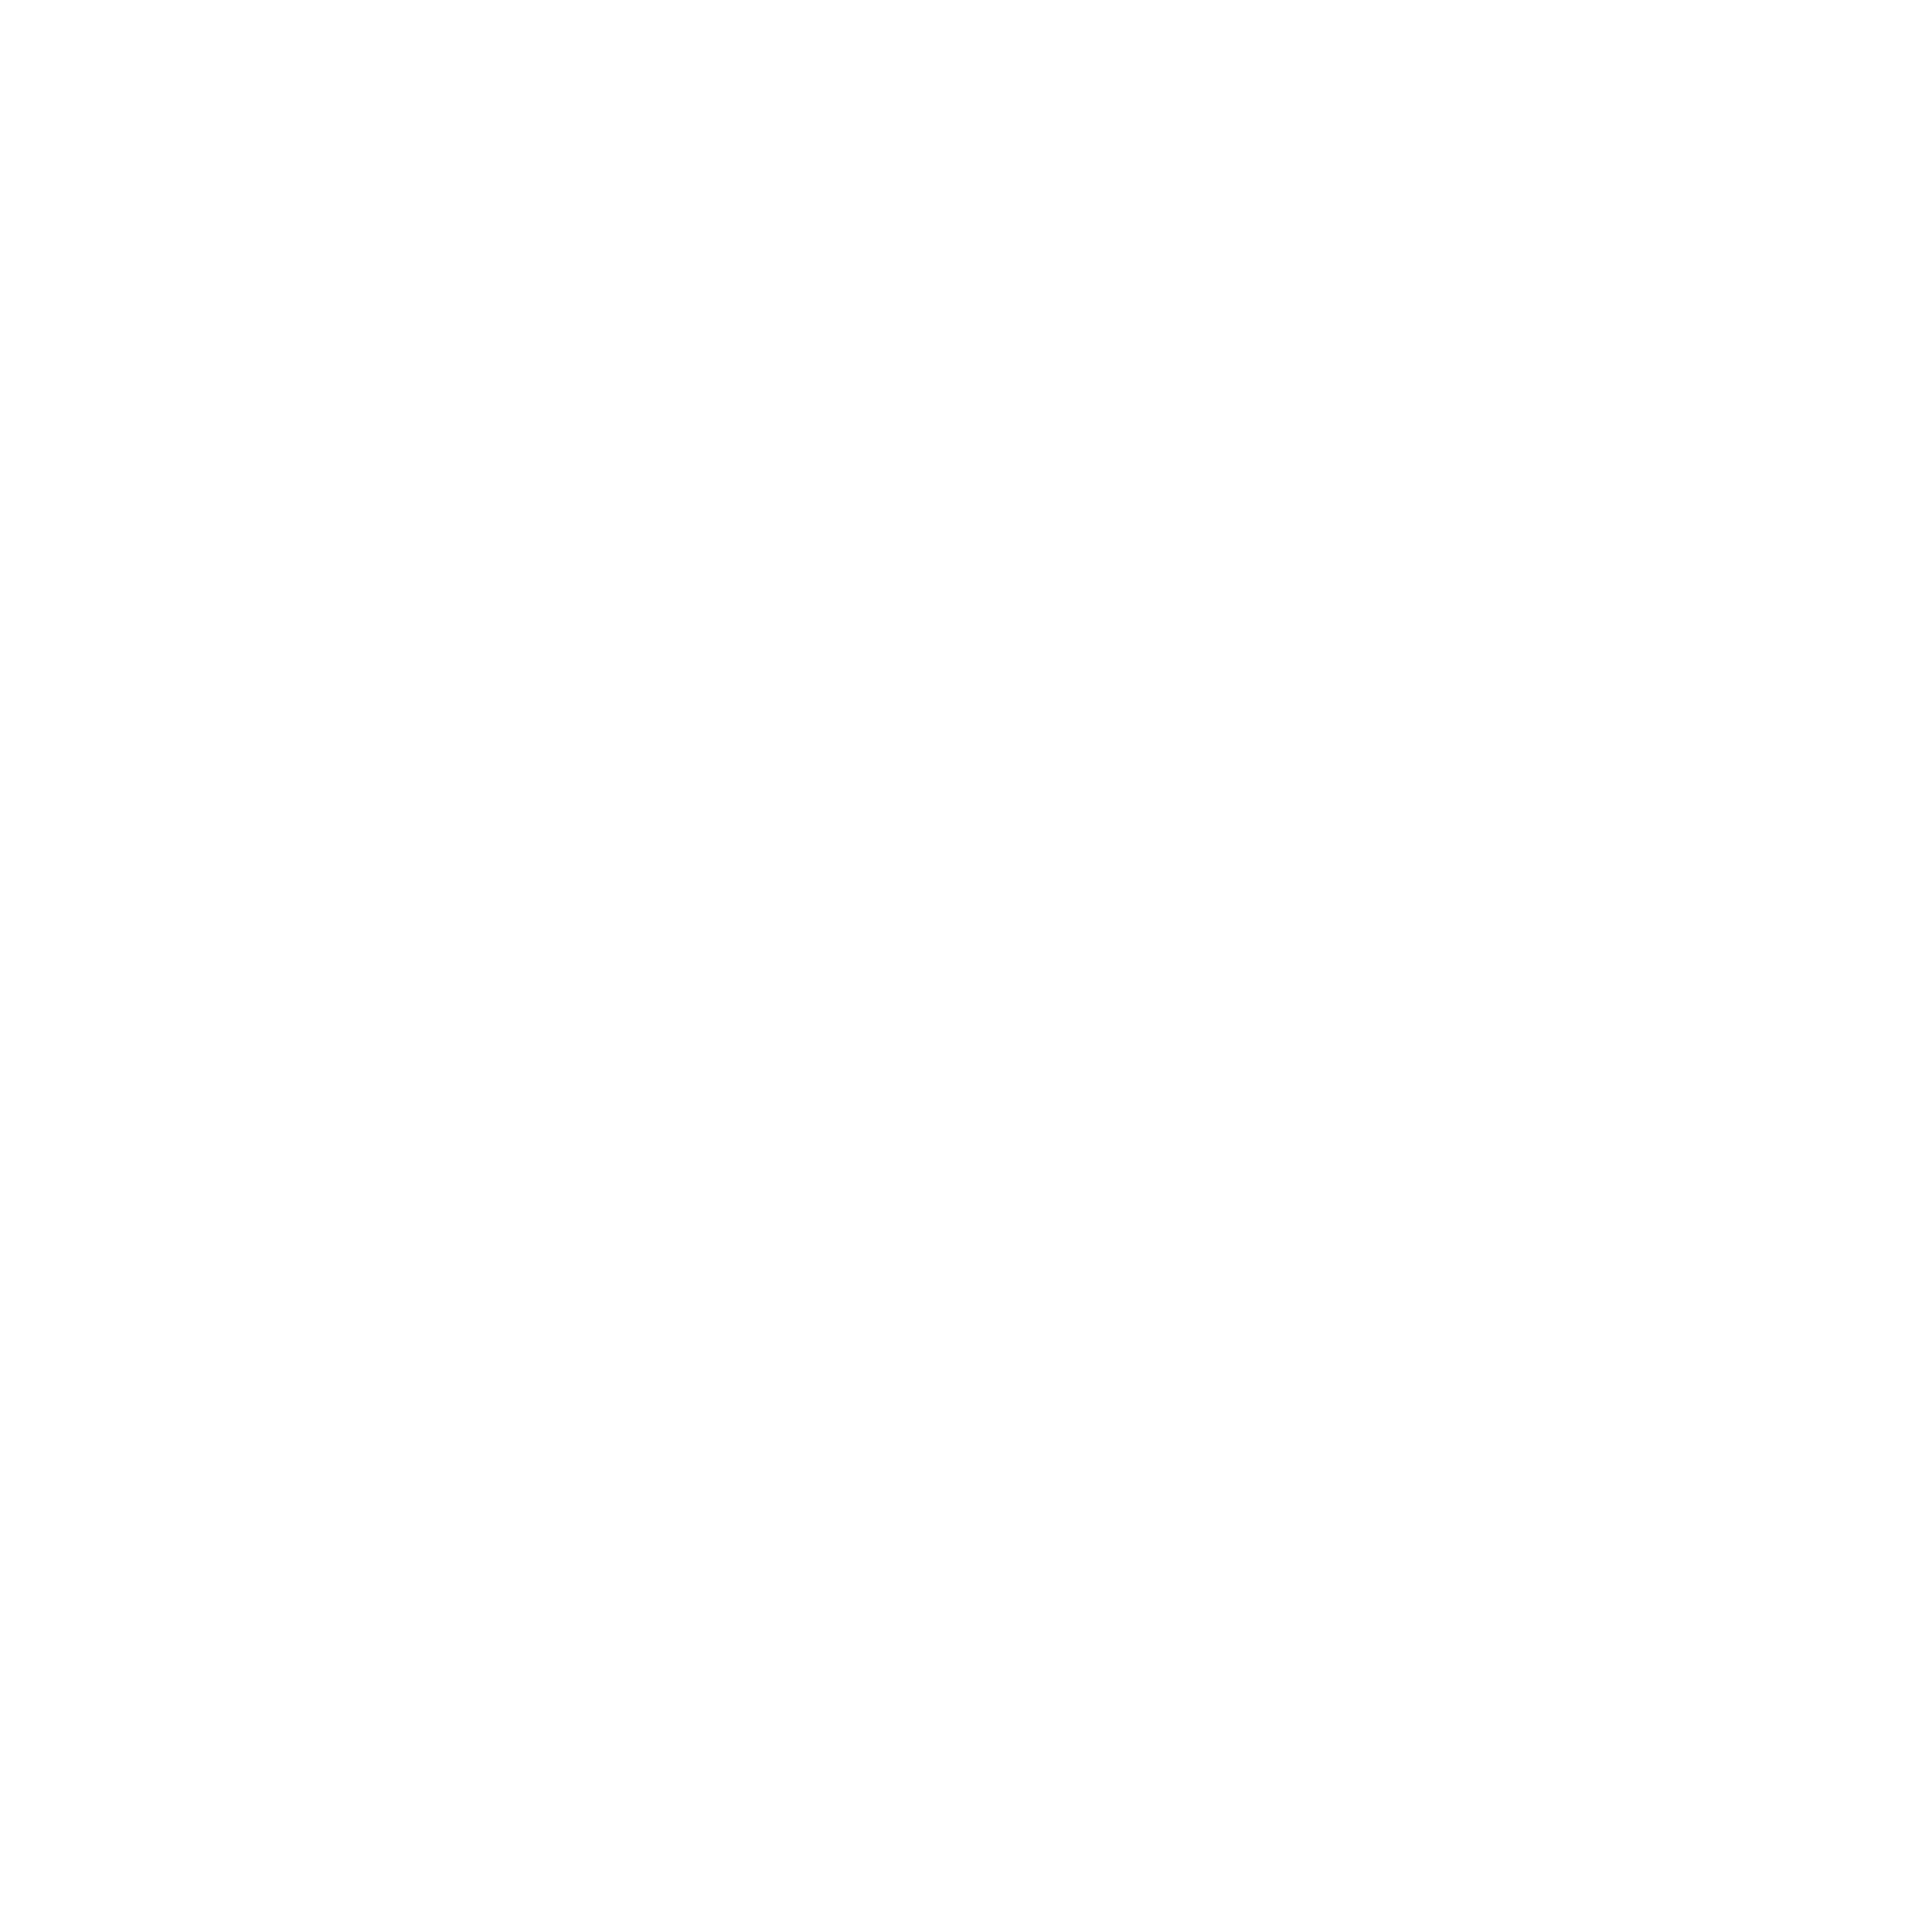 icone_telegram